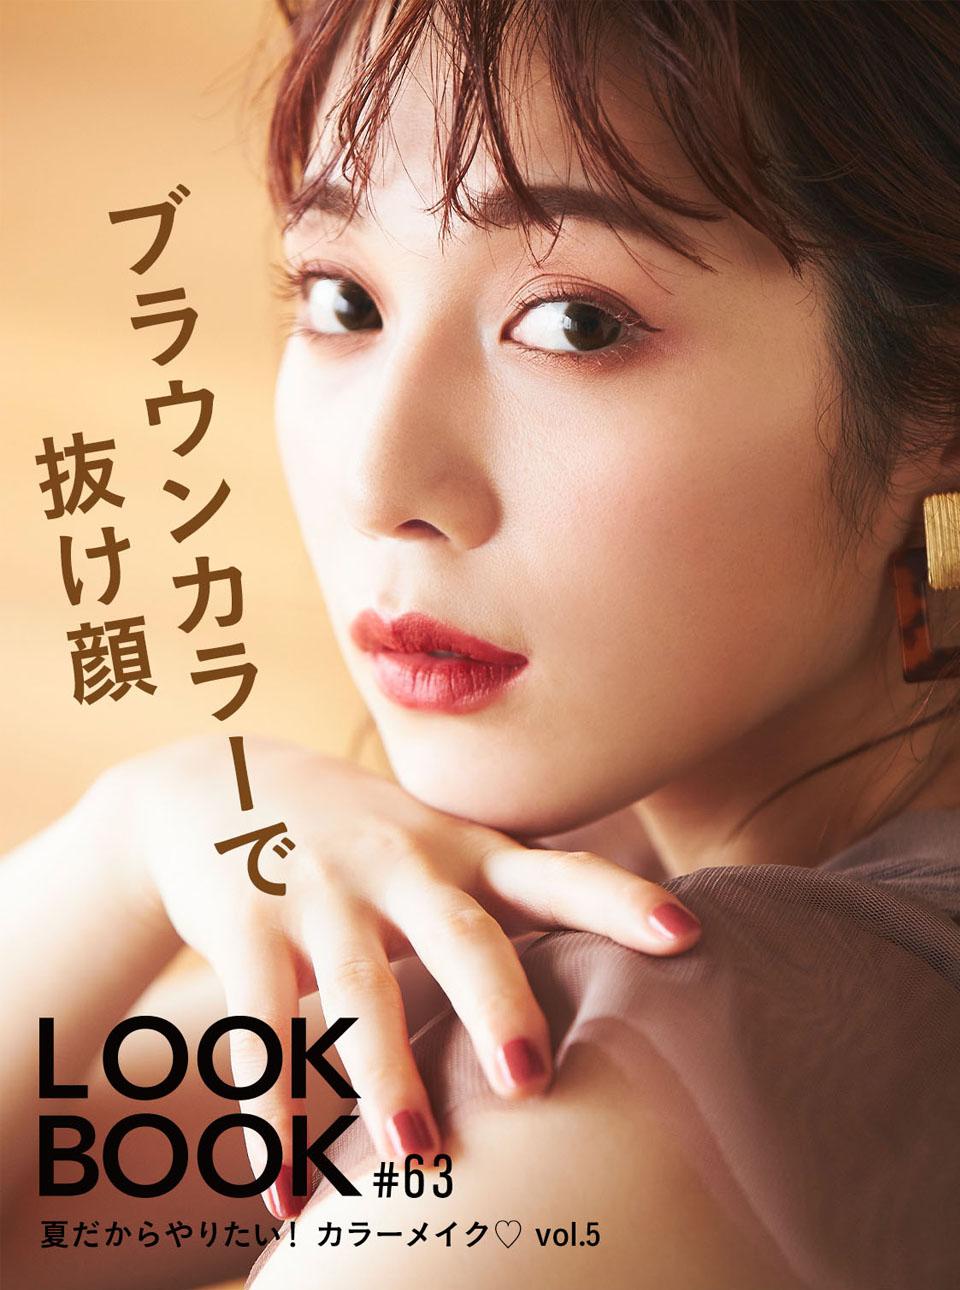 LOOKBOOK63